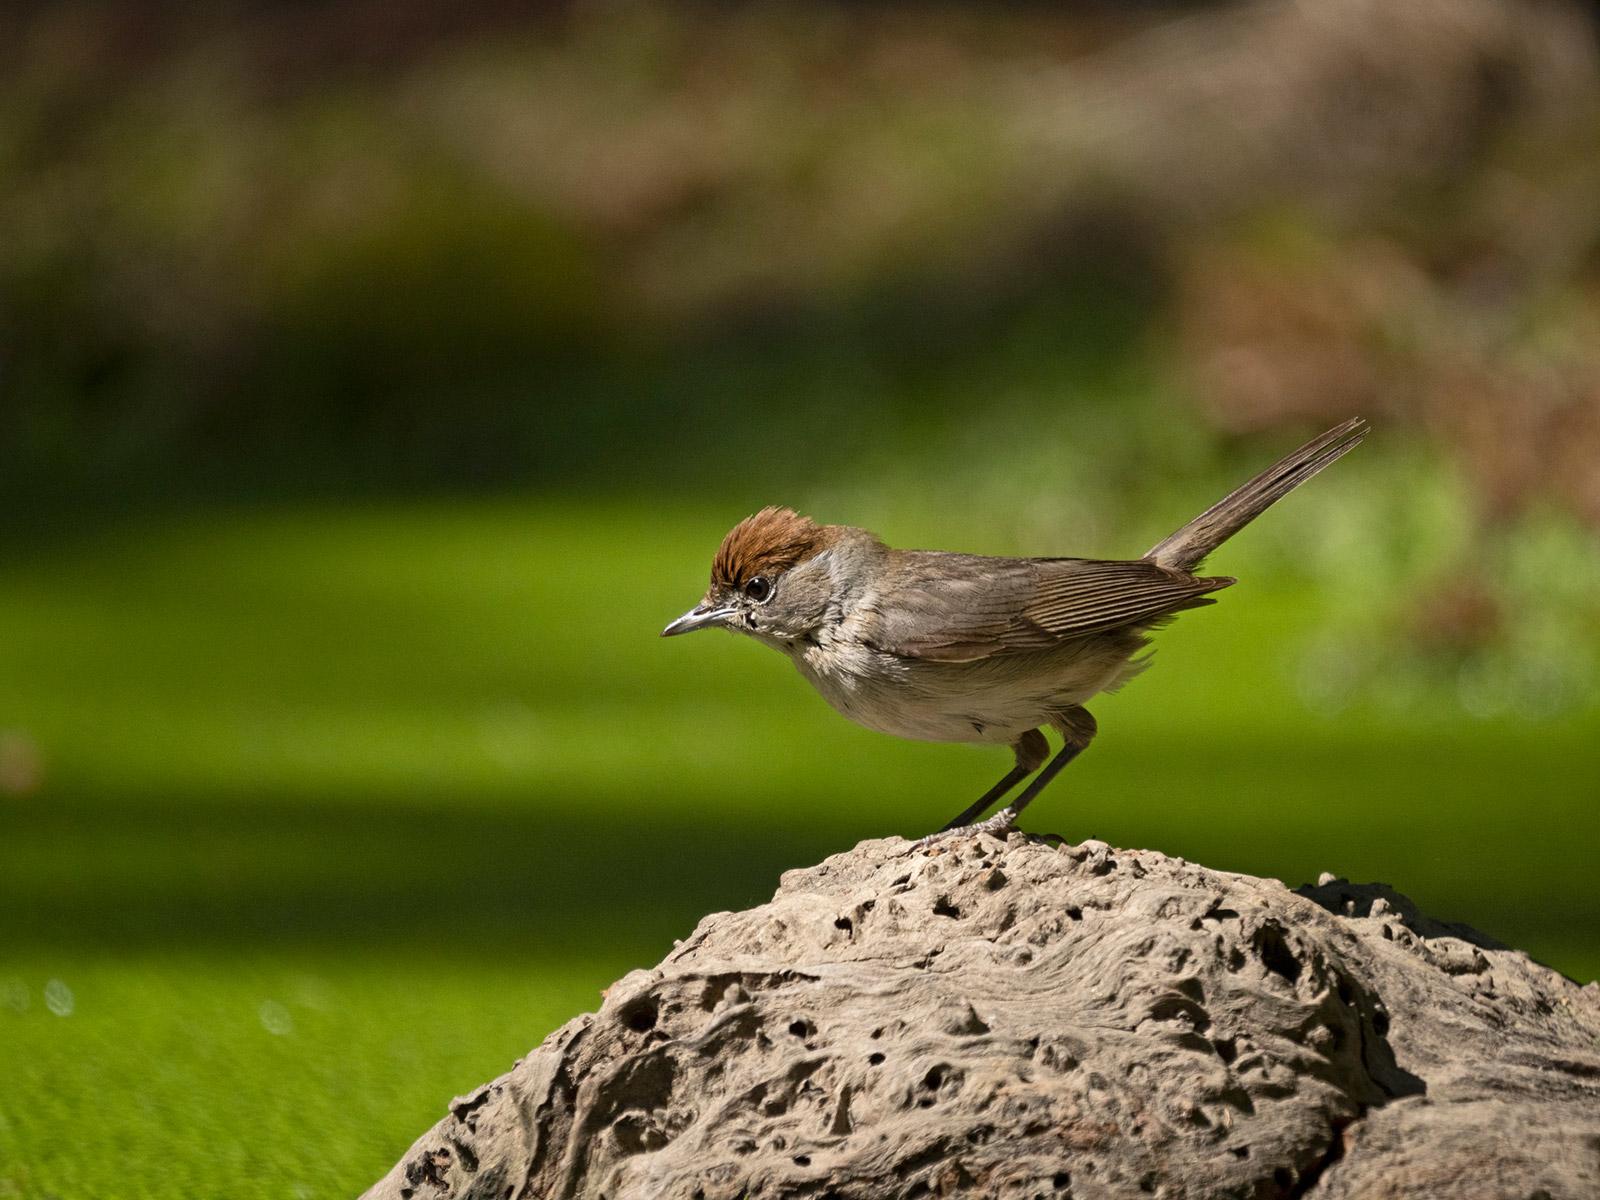 Blackcap bird,  Sylvia atricapilla. David Tipling With Olympus 100-400mm lens sample image